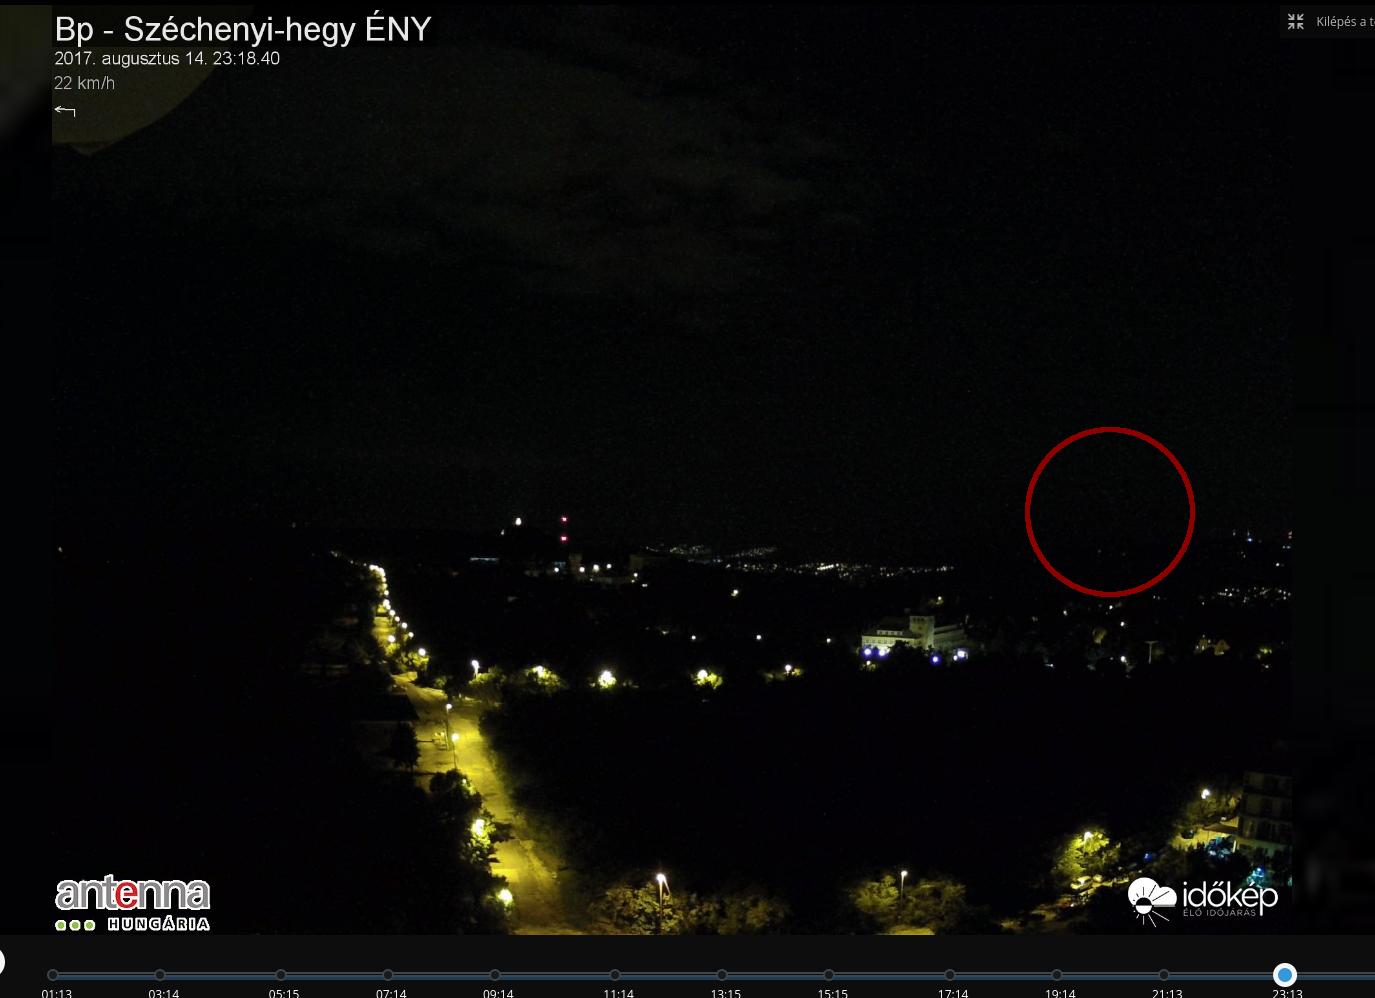 Eszti látott egy hatalmas valamit, amit a szél sodort Budapest felett tegnap este